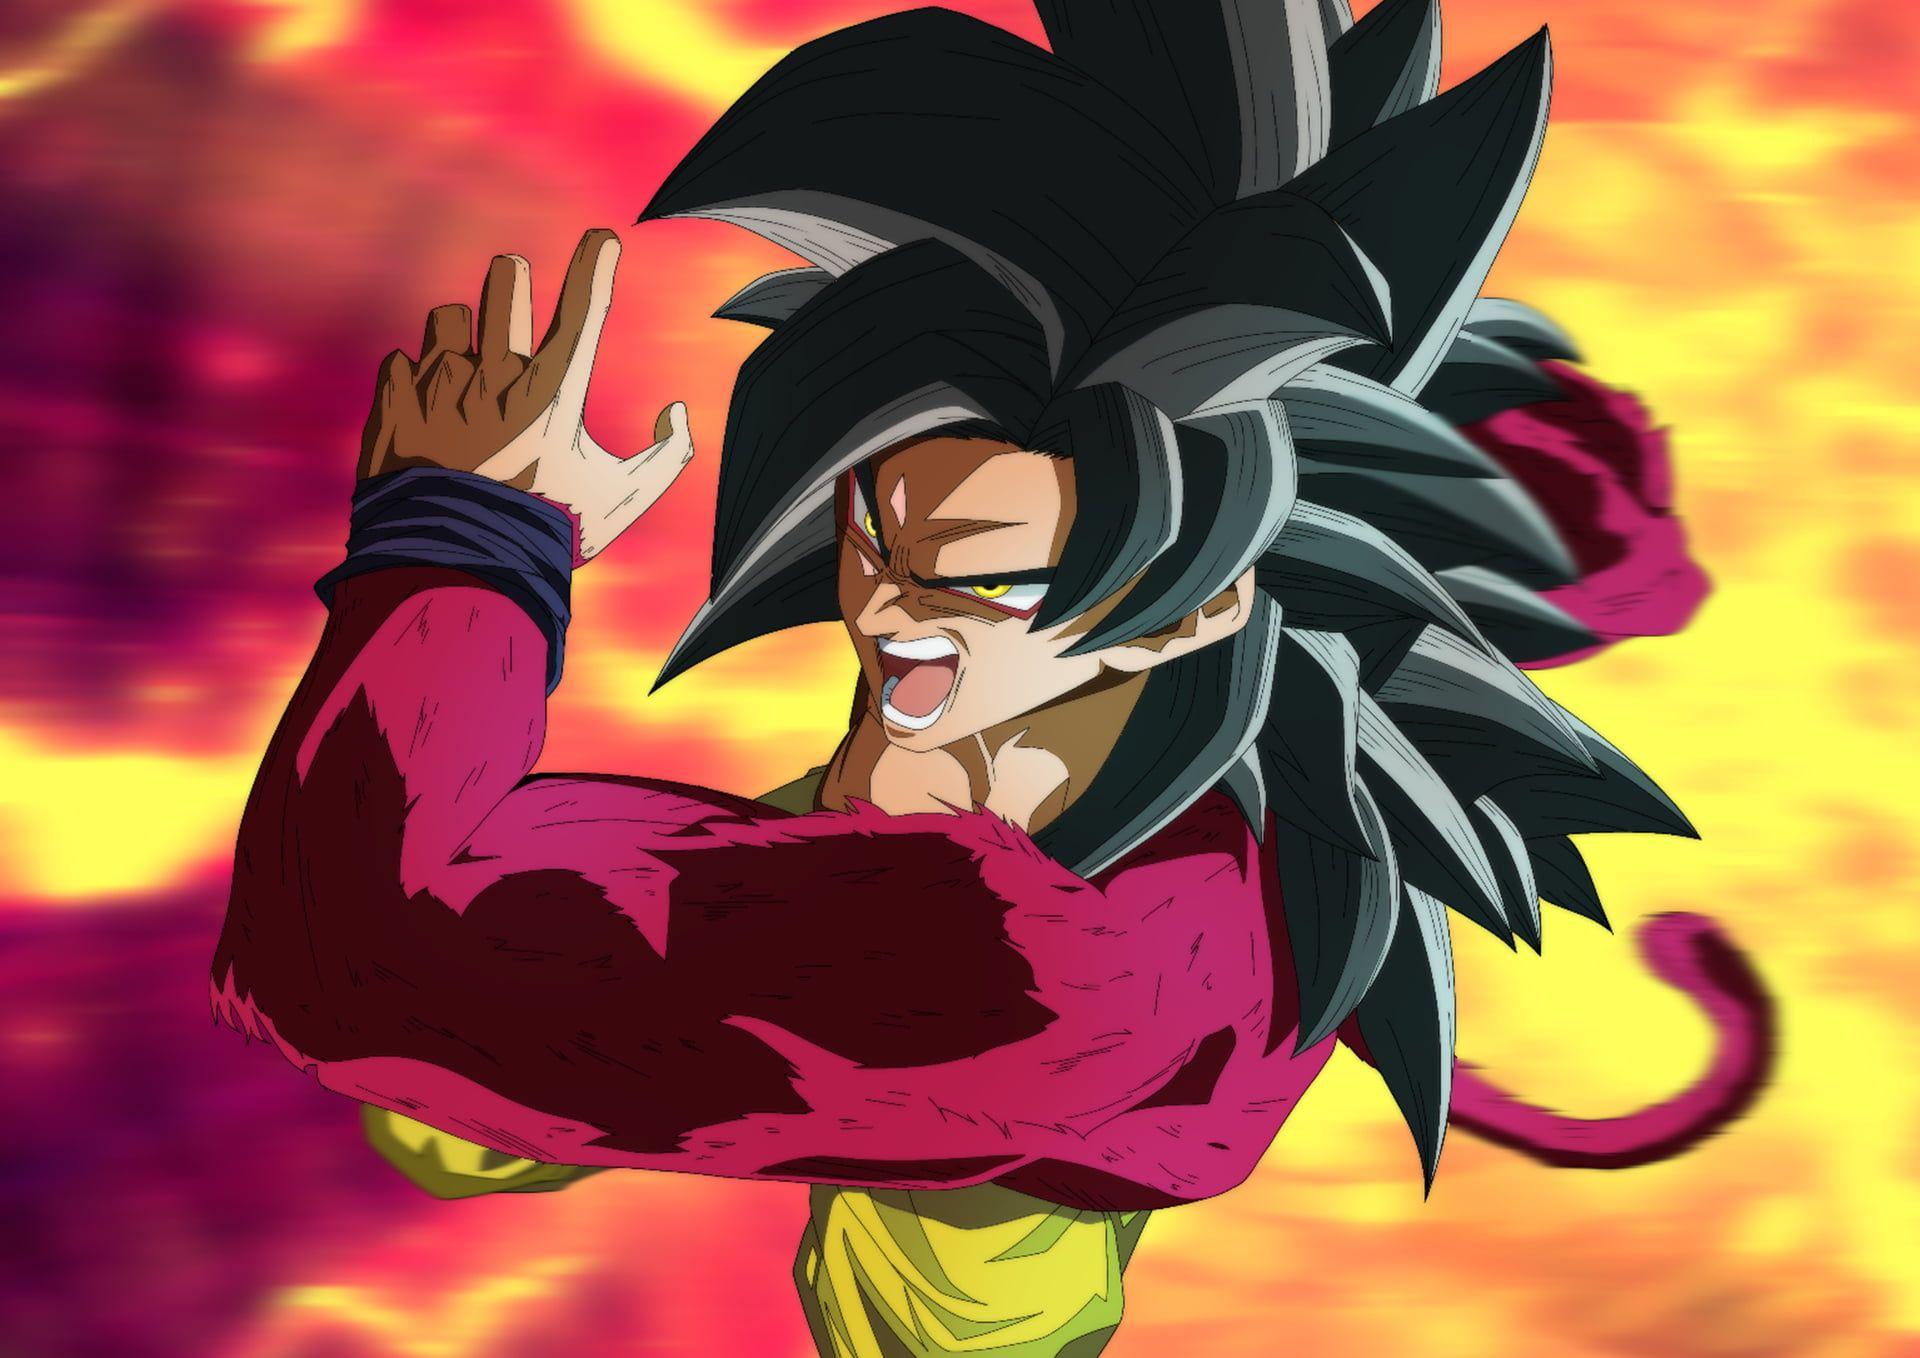 Dragon Ball Dragon Ball Gt Goku Super Saiyan 4 1080p Wallpaper Hdwallpaper Desktop Dragon Ball Gt Dragon Ball Goku Super